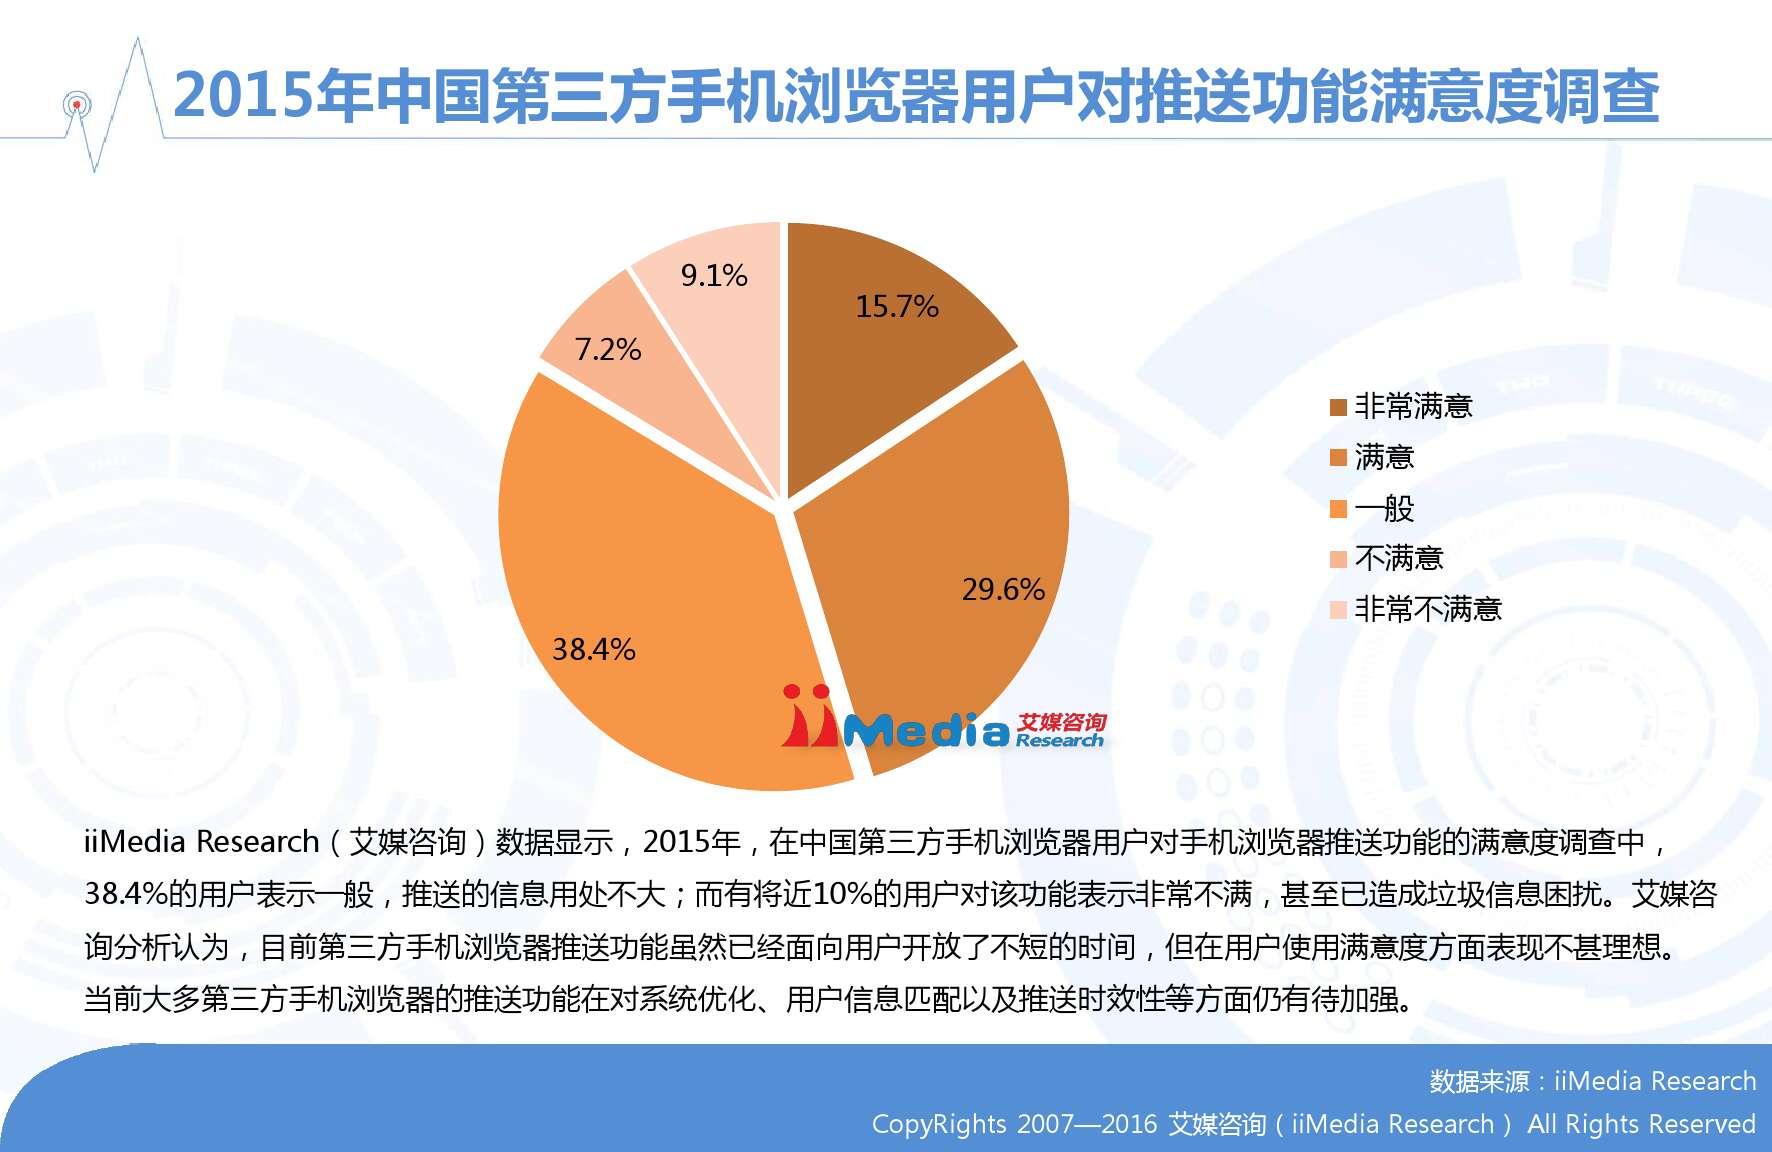 艾媒咨询:2015-2016年中国手机浏览器市场研究报告_000023